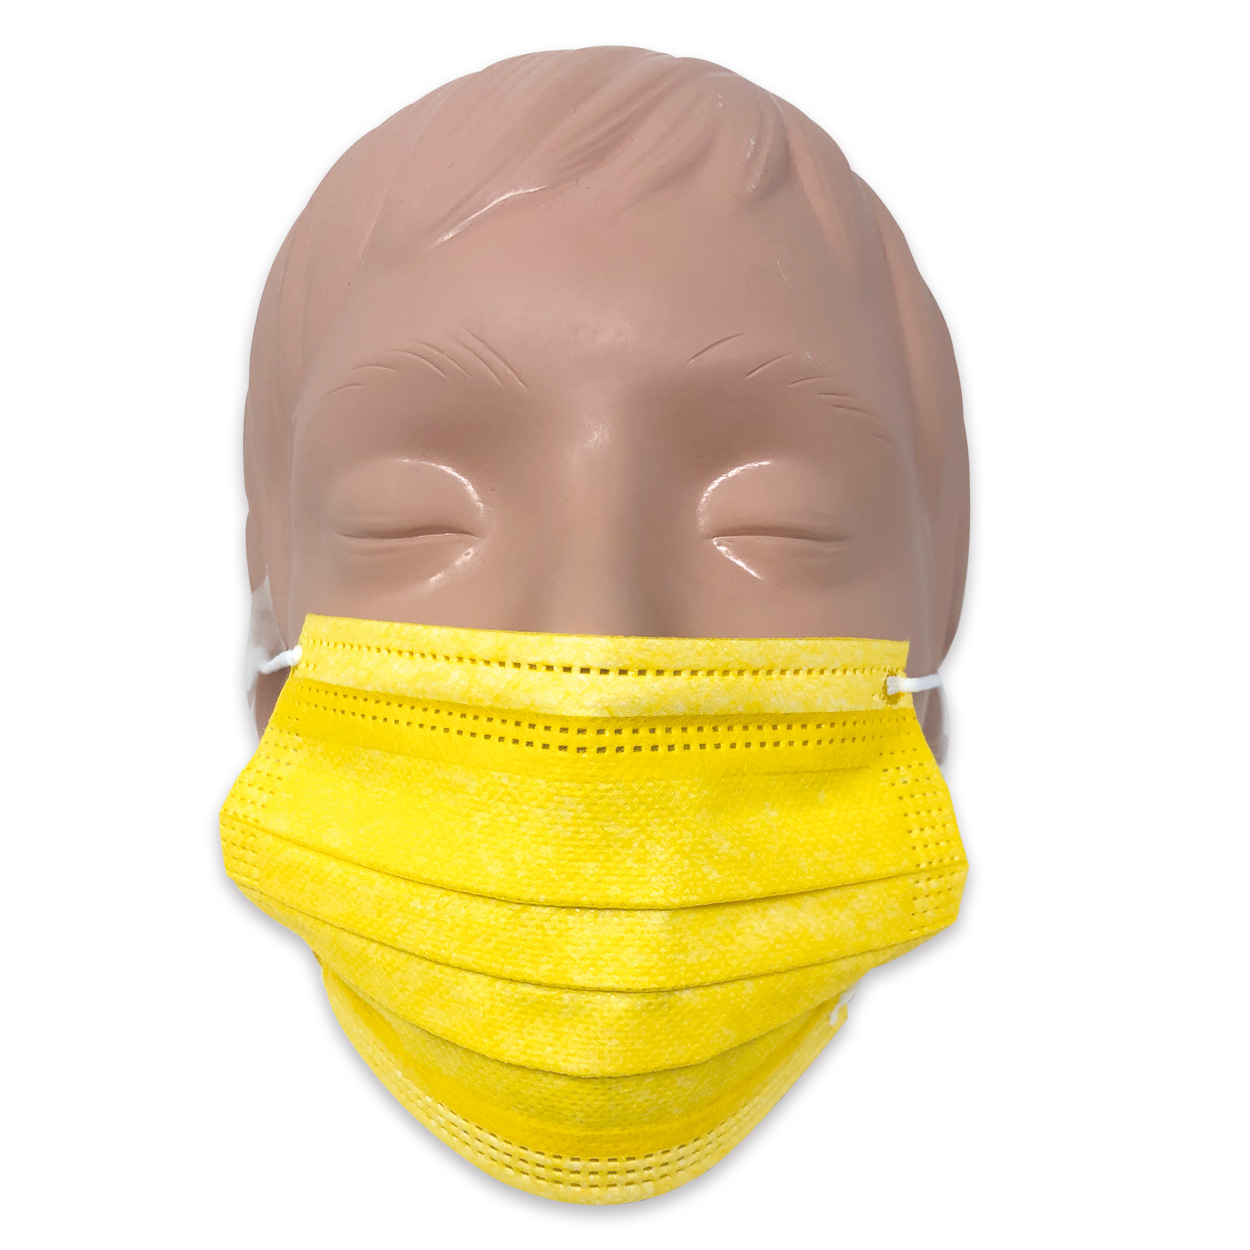 Mundschutz für Kinder in gelb, Typ II, 3-lagig - Packung à 50 Stück